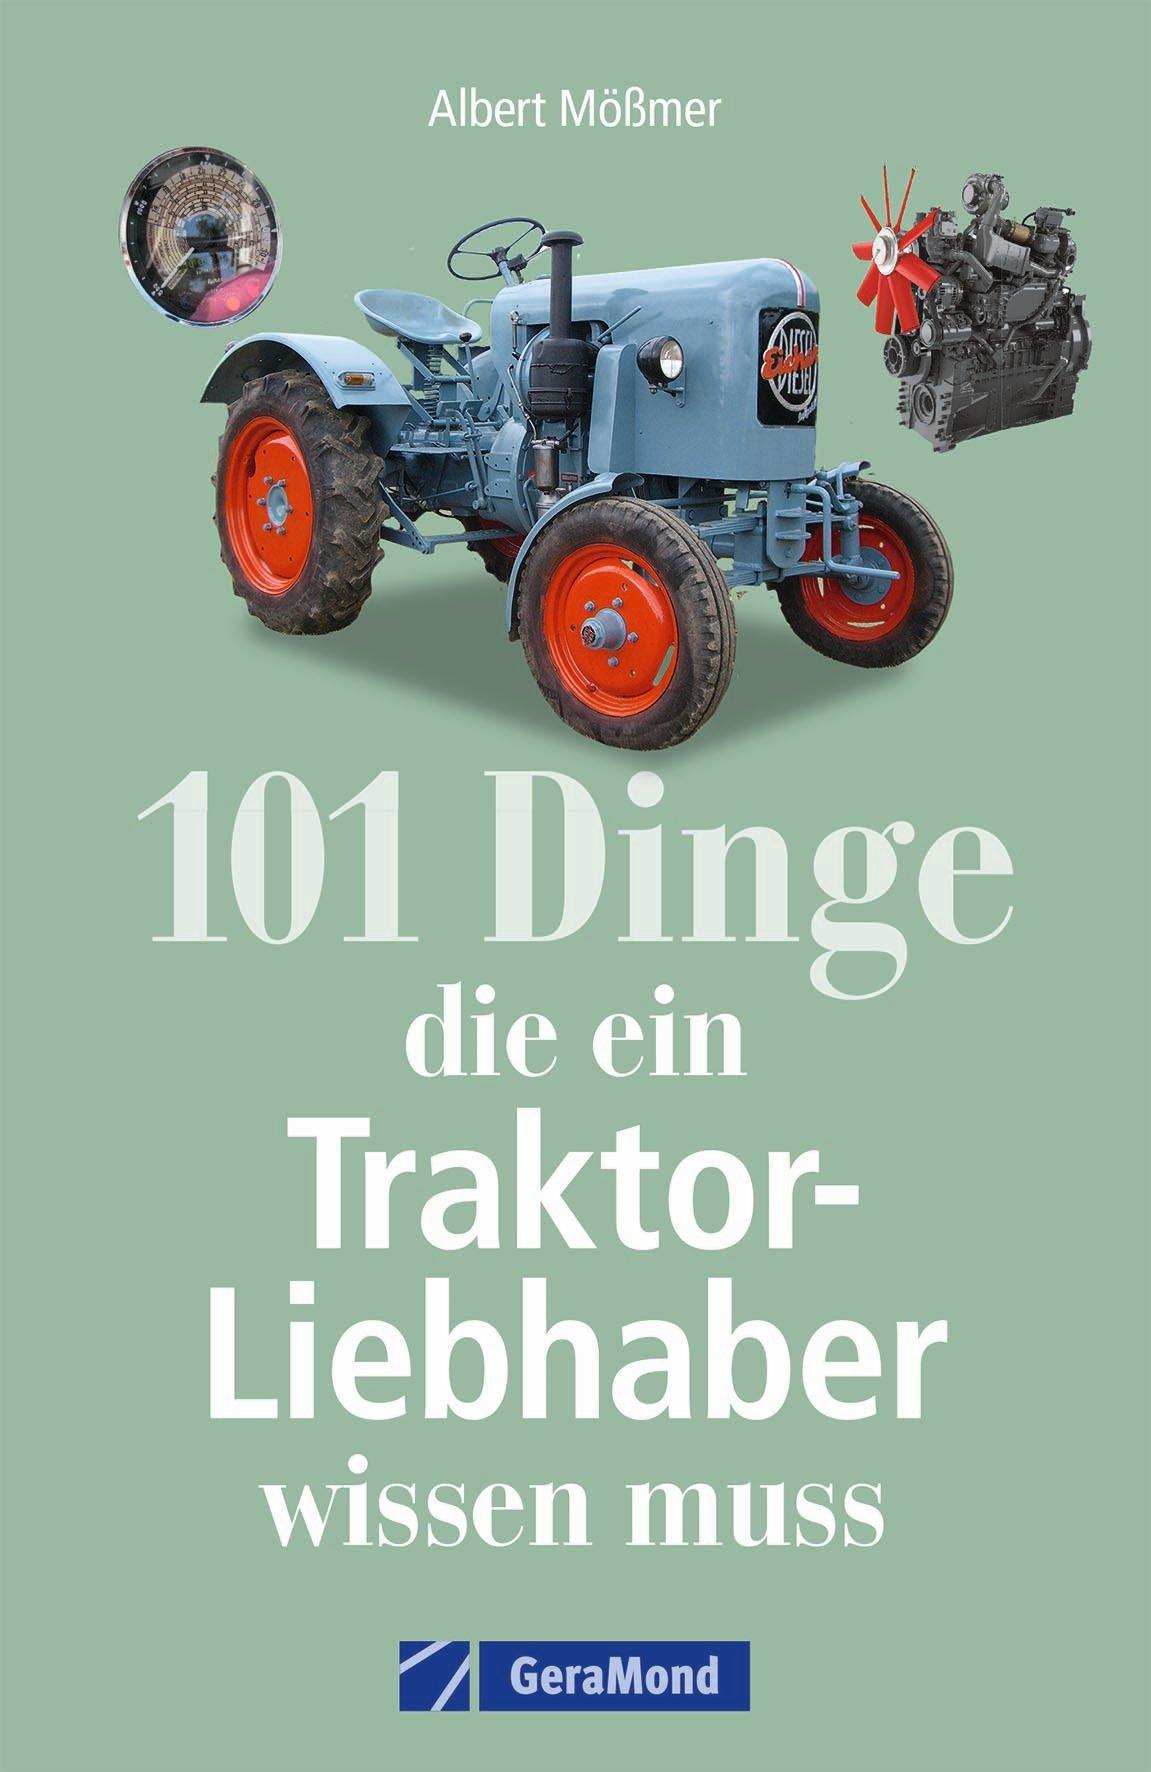 Buch 101 Dinge, die ein Traktor-Liebhaber wissen muss